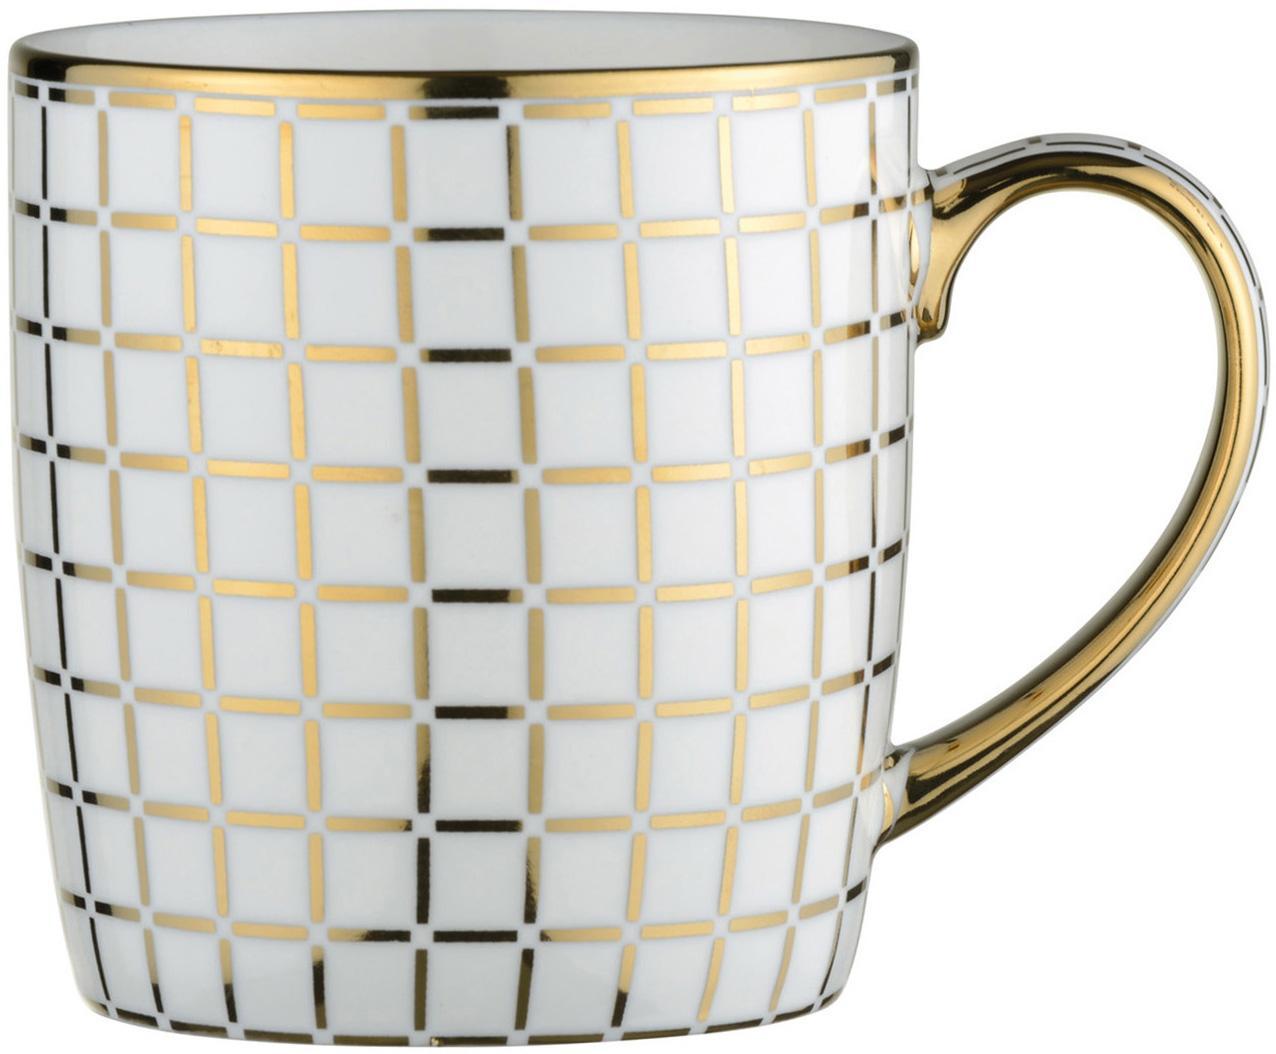 Tassen Lattice mit goldenem Dekor, 4 Stück, Porzellan, Weiss, Goldfarben, Ø 9 x H 10 cm